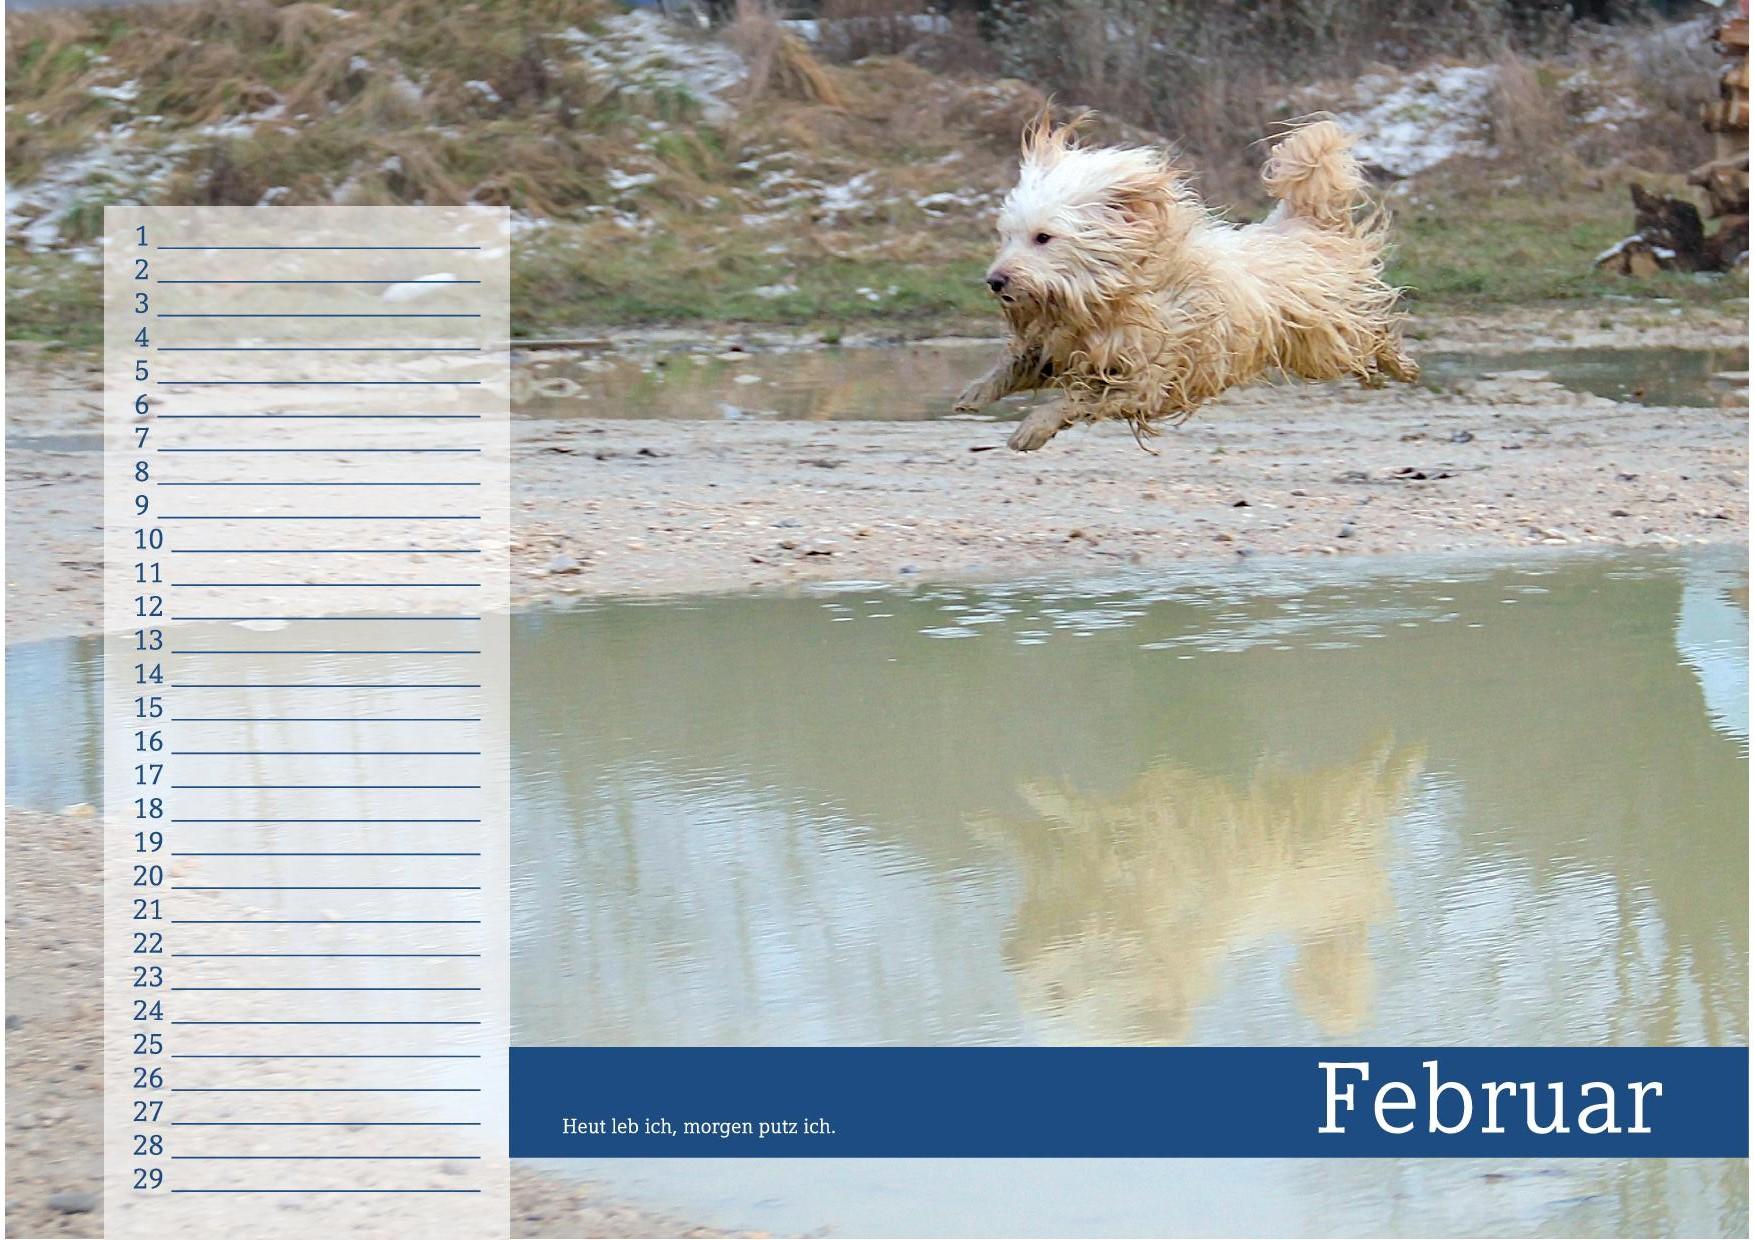 Februar - schmutziger Hund springt durch Wasserschlamm